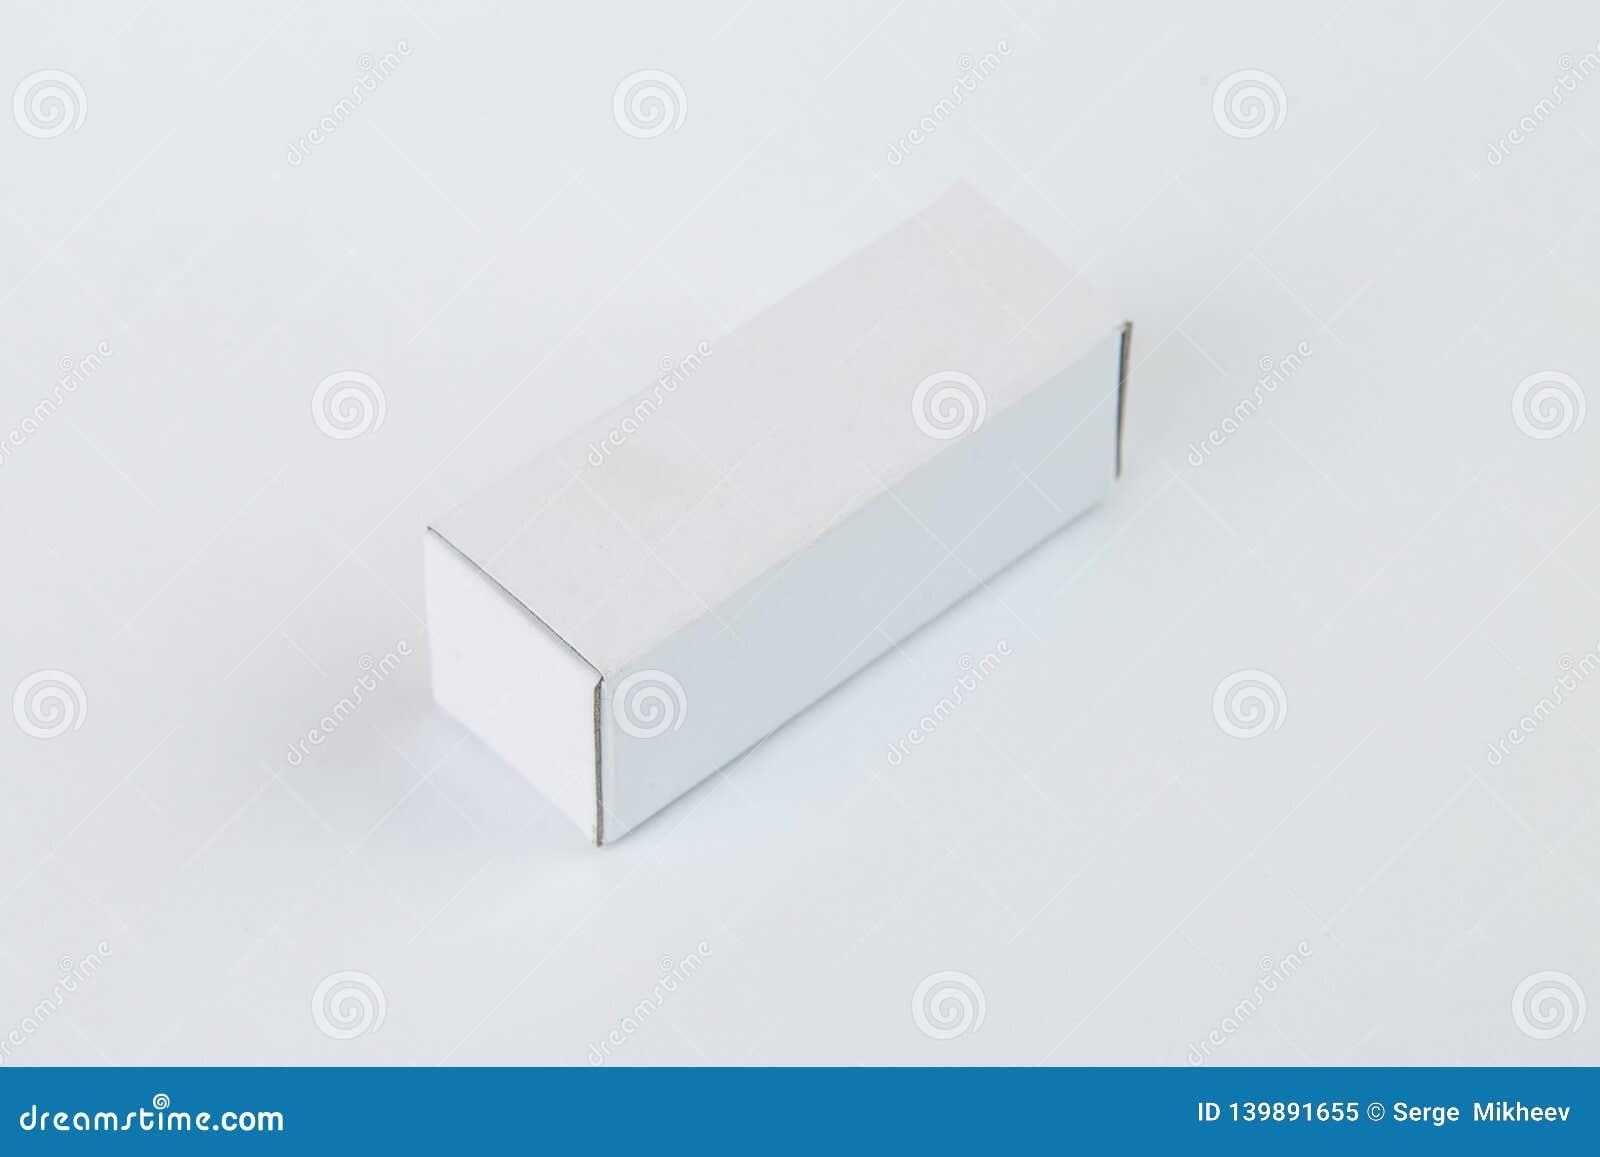 Stäng sig upp av en liten vit kartong, isolerat på vit bakgrund